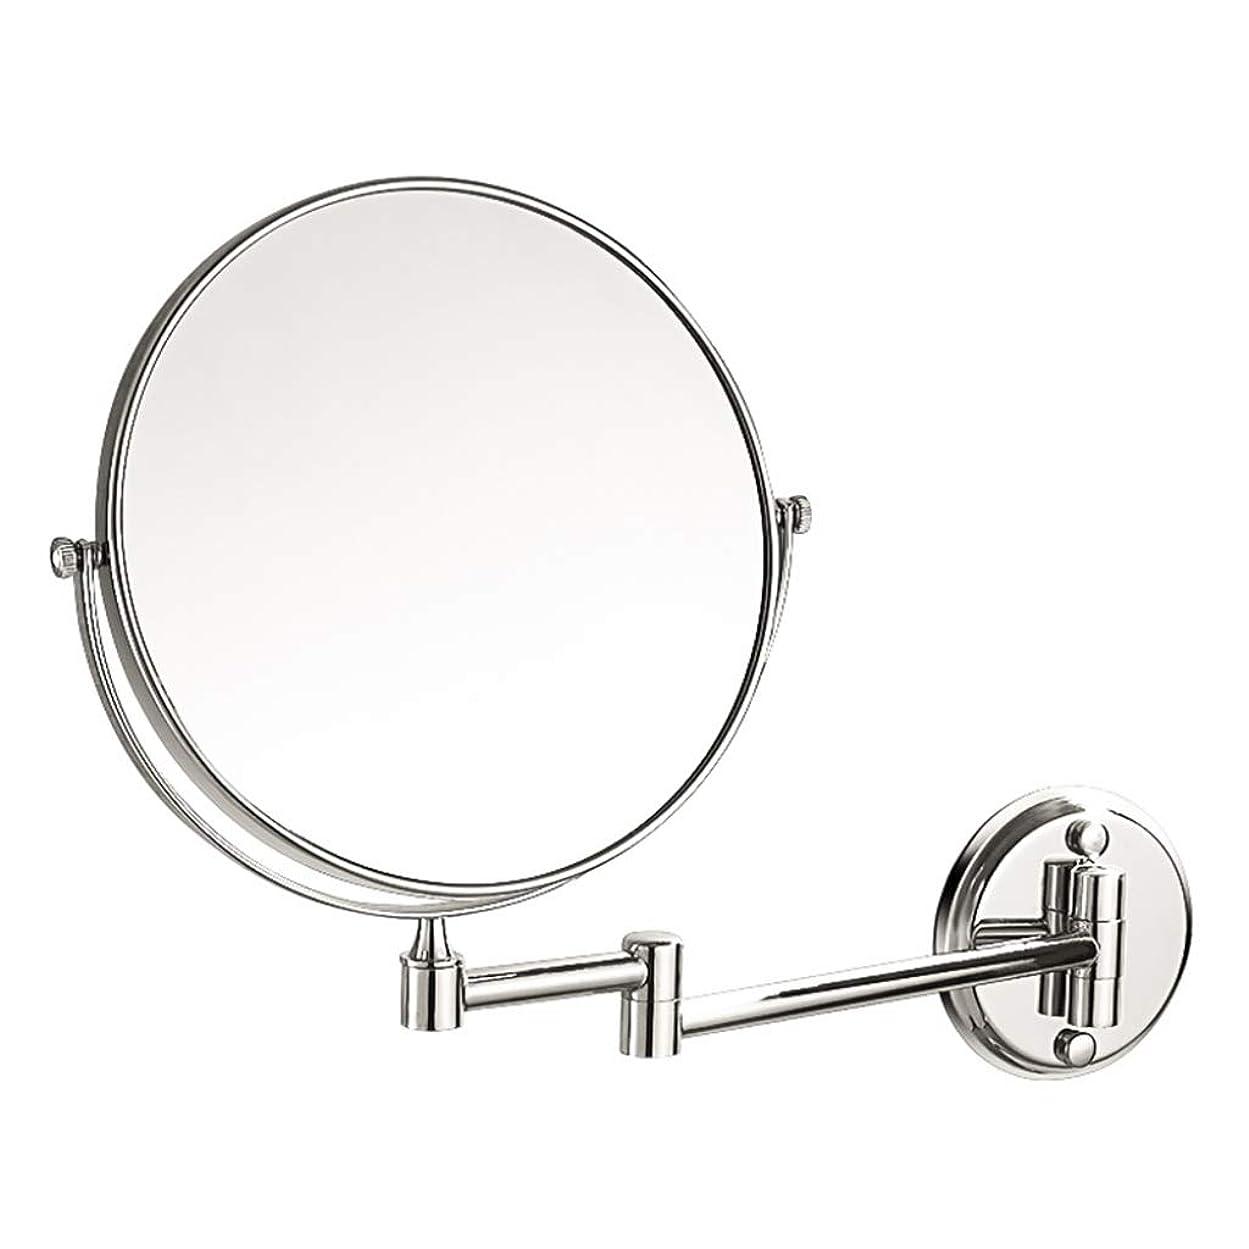 バルコニースコットランド人芸術HUYYA バスルームメイクアップミラー 壁付 丸め、シェービングミラー 3 倍拡大鏡 バニティミラー 両面 化粧鏡 寝室や浴室に適しています,Silver_6inch